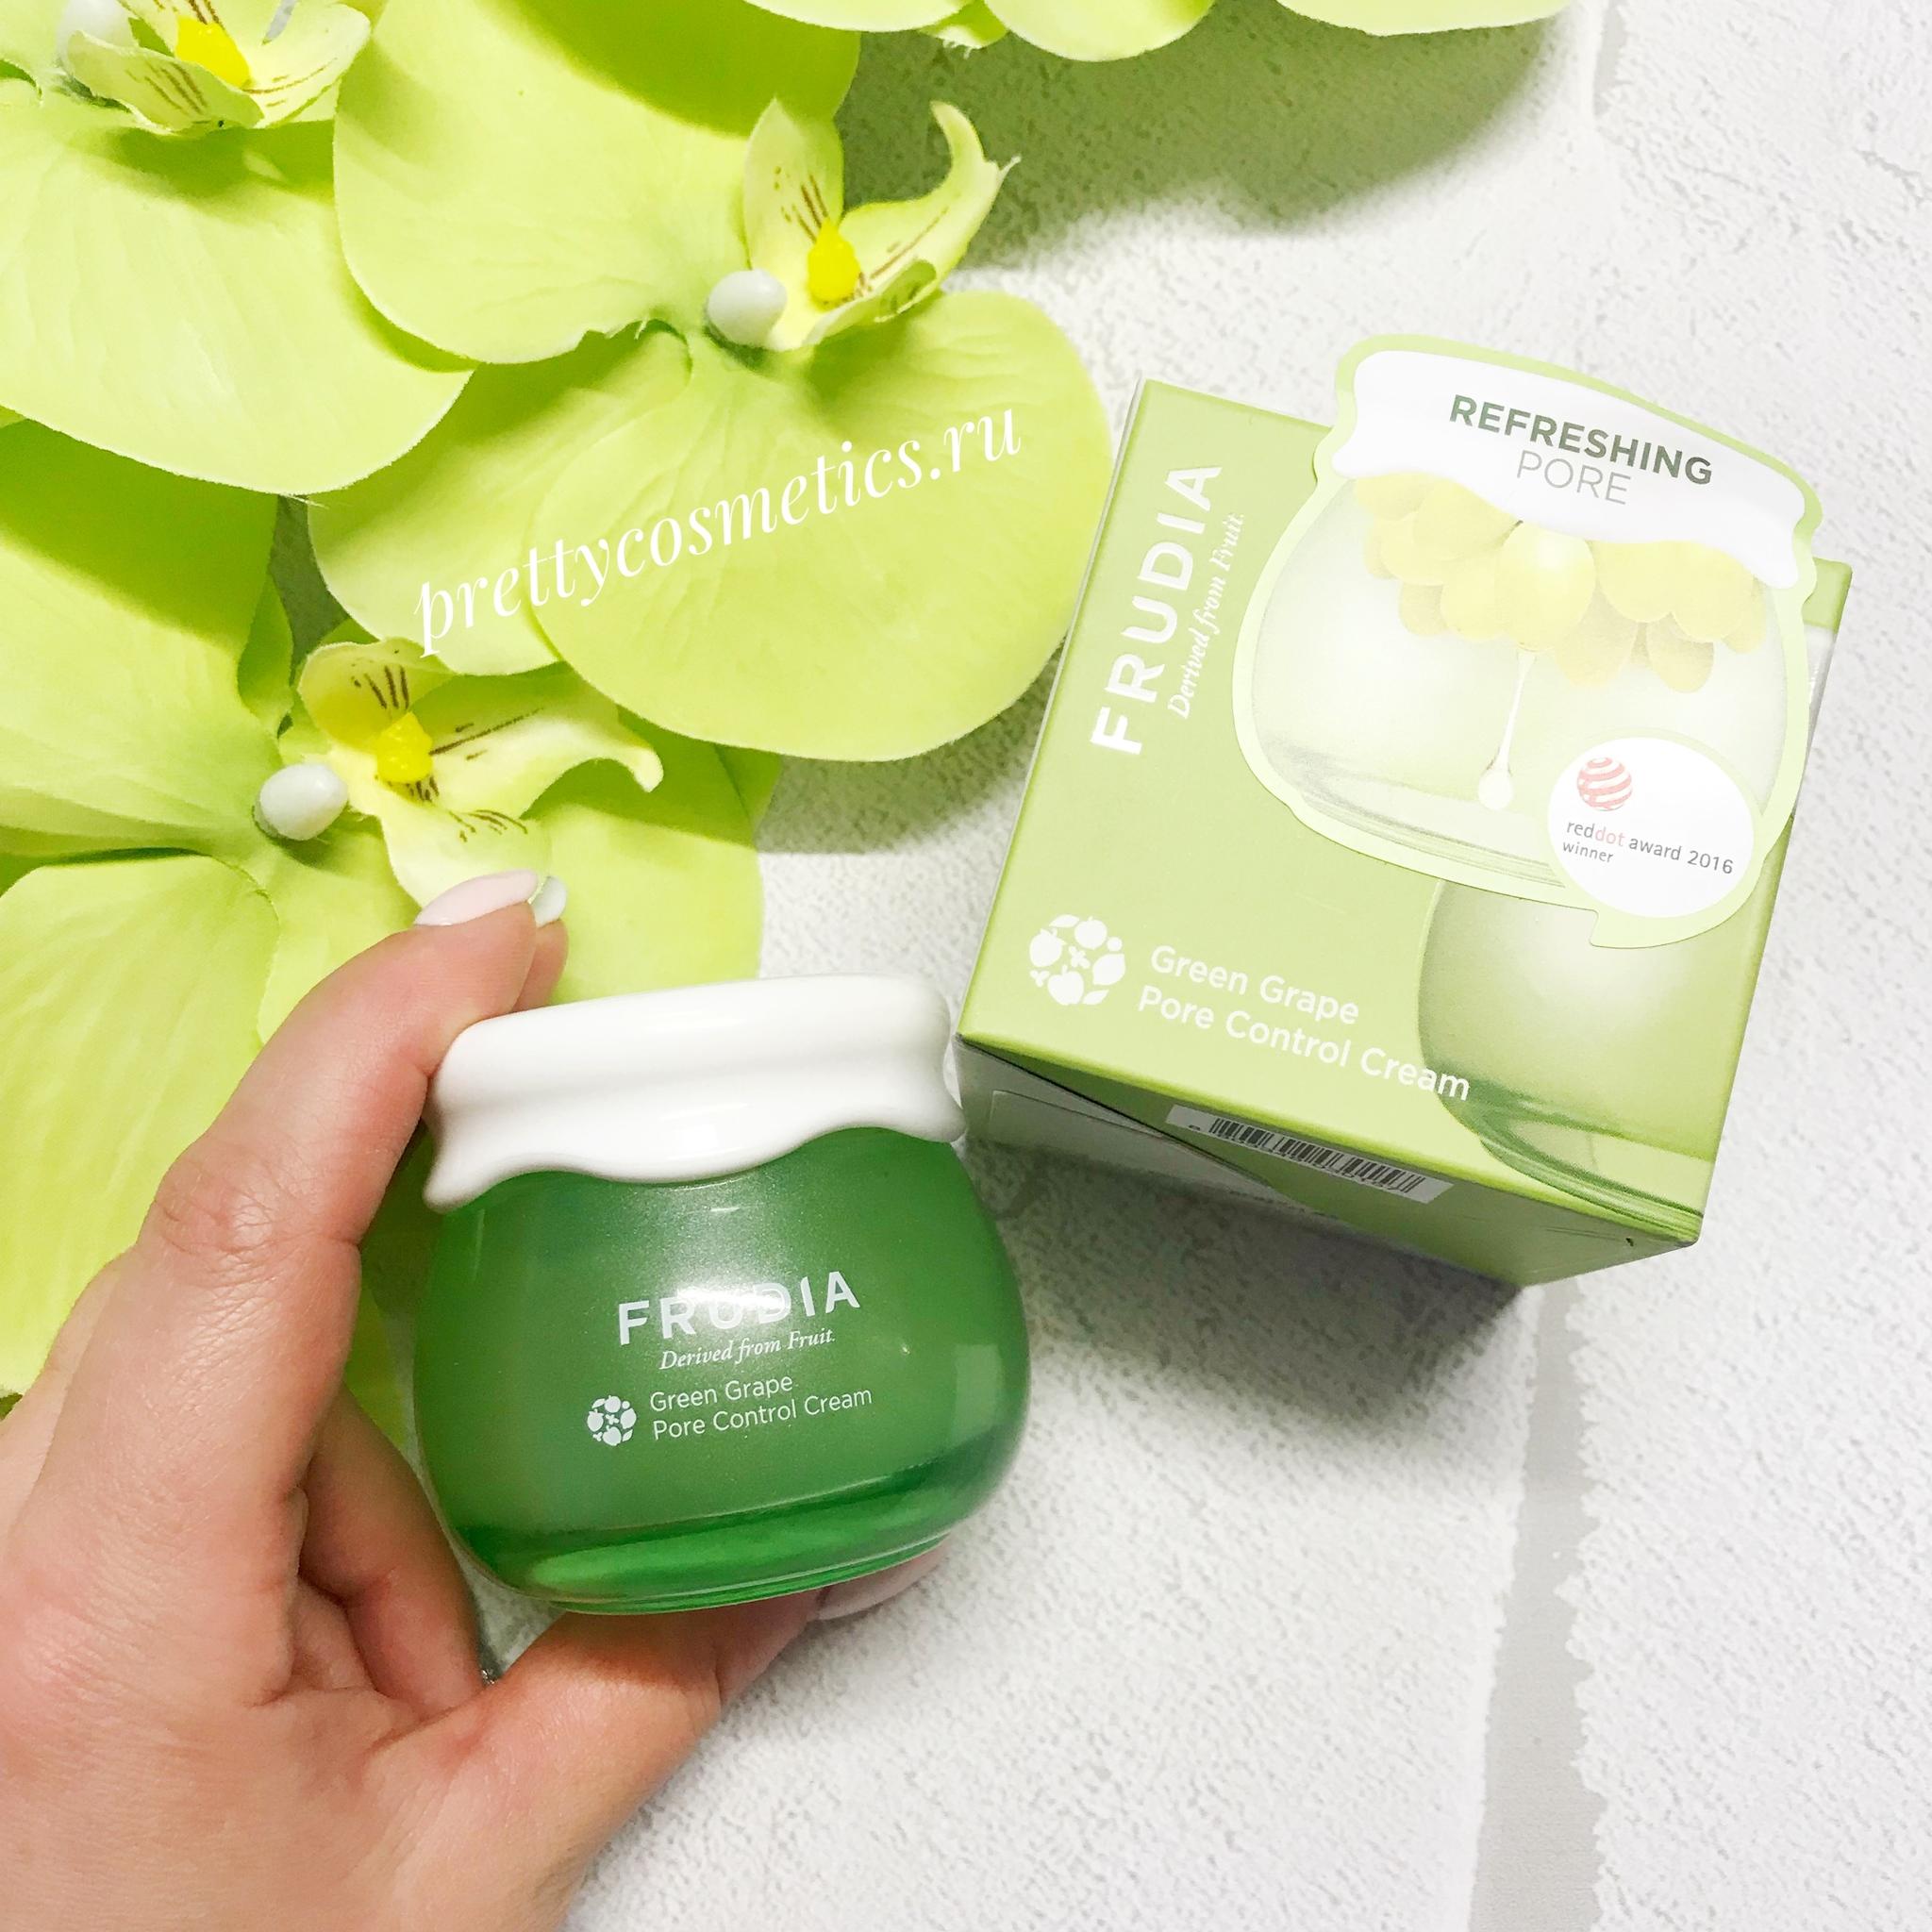 Идеальный крем для жирной кожи? Только крем Frudia Green Grape Pore Control Cream